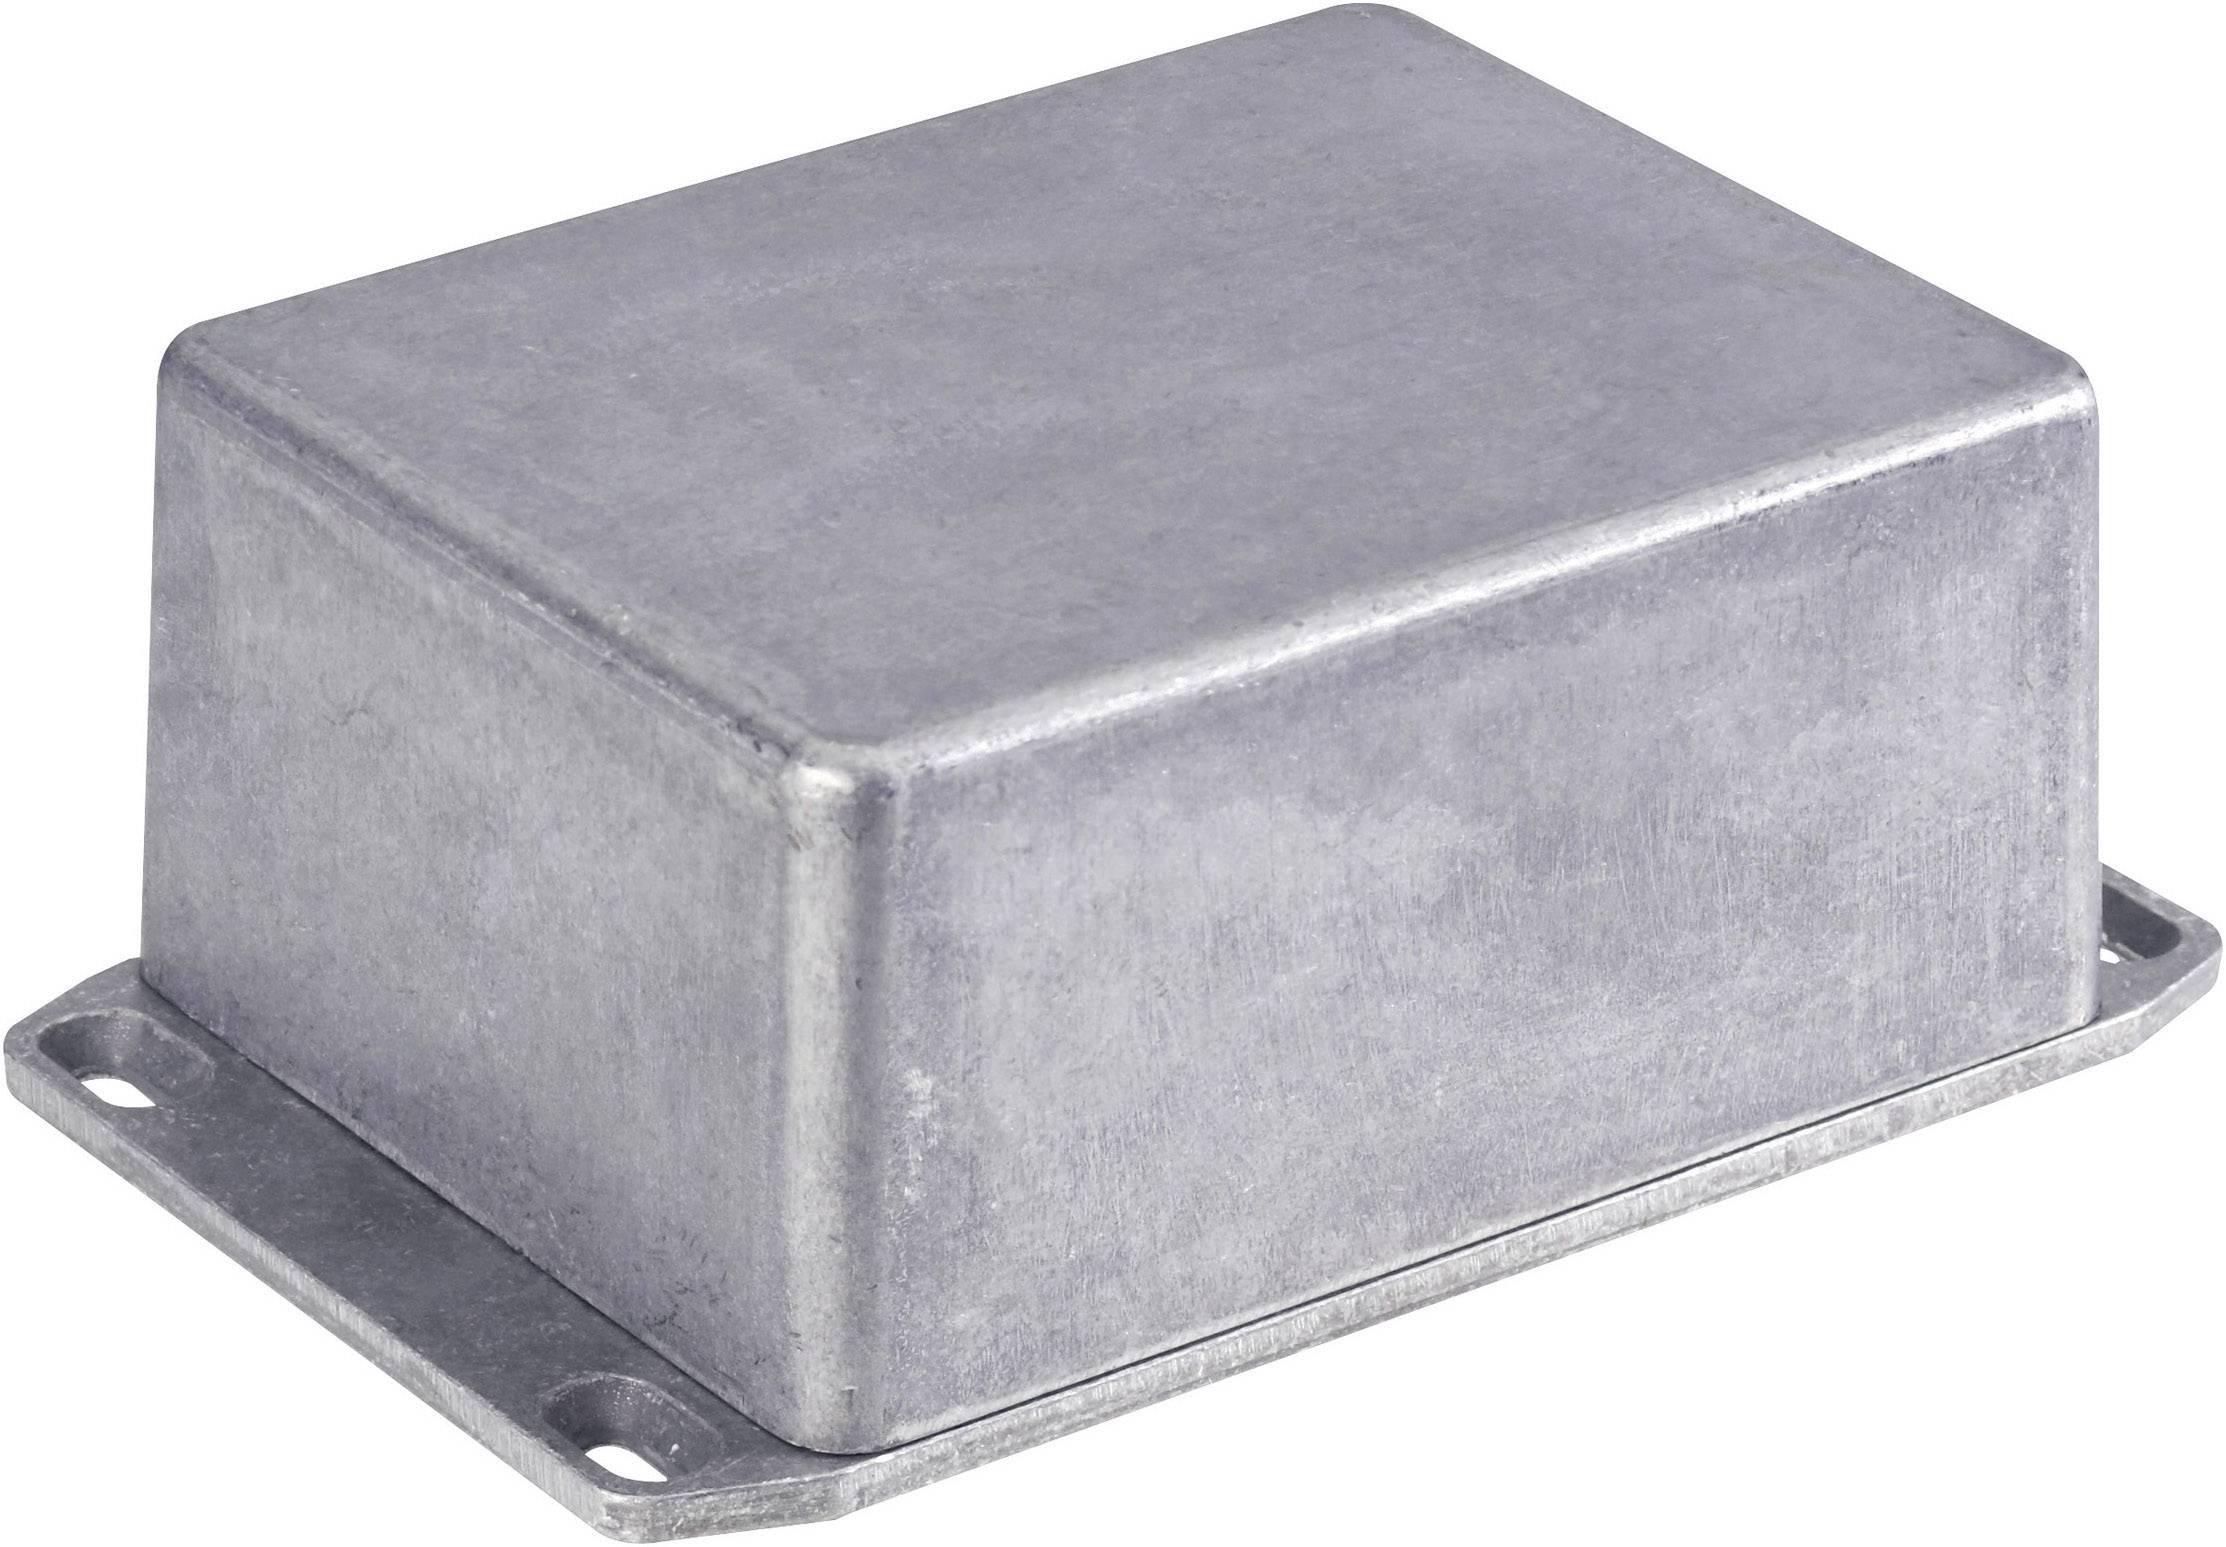 Univerzální pouzdro hliník Hammond Electronics 1590NFL 121 x 66 x 40 1 ks